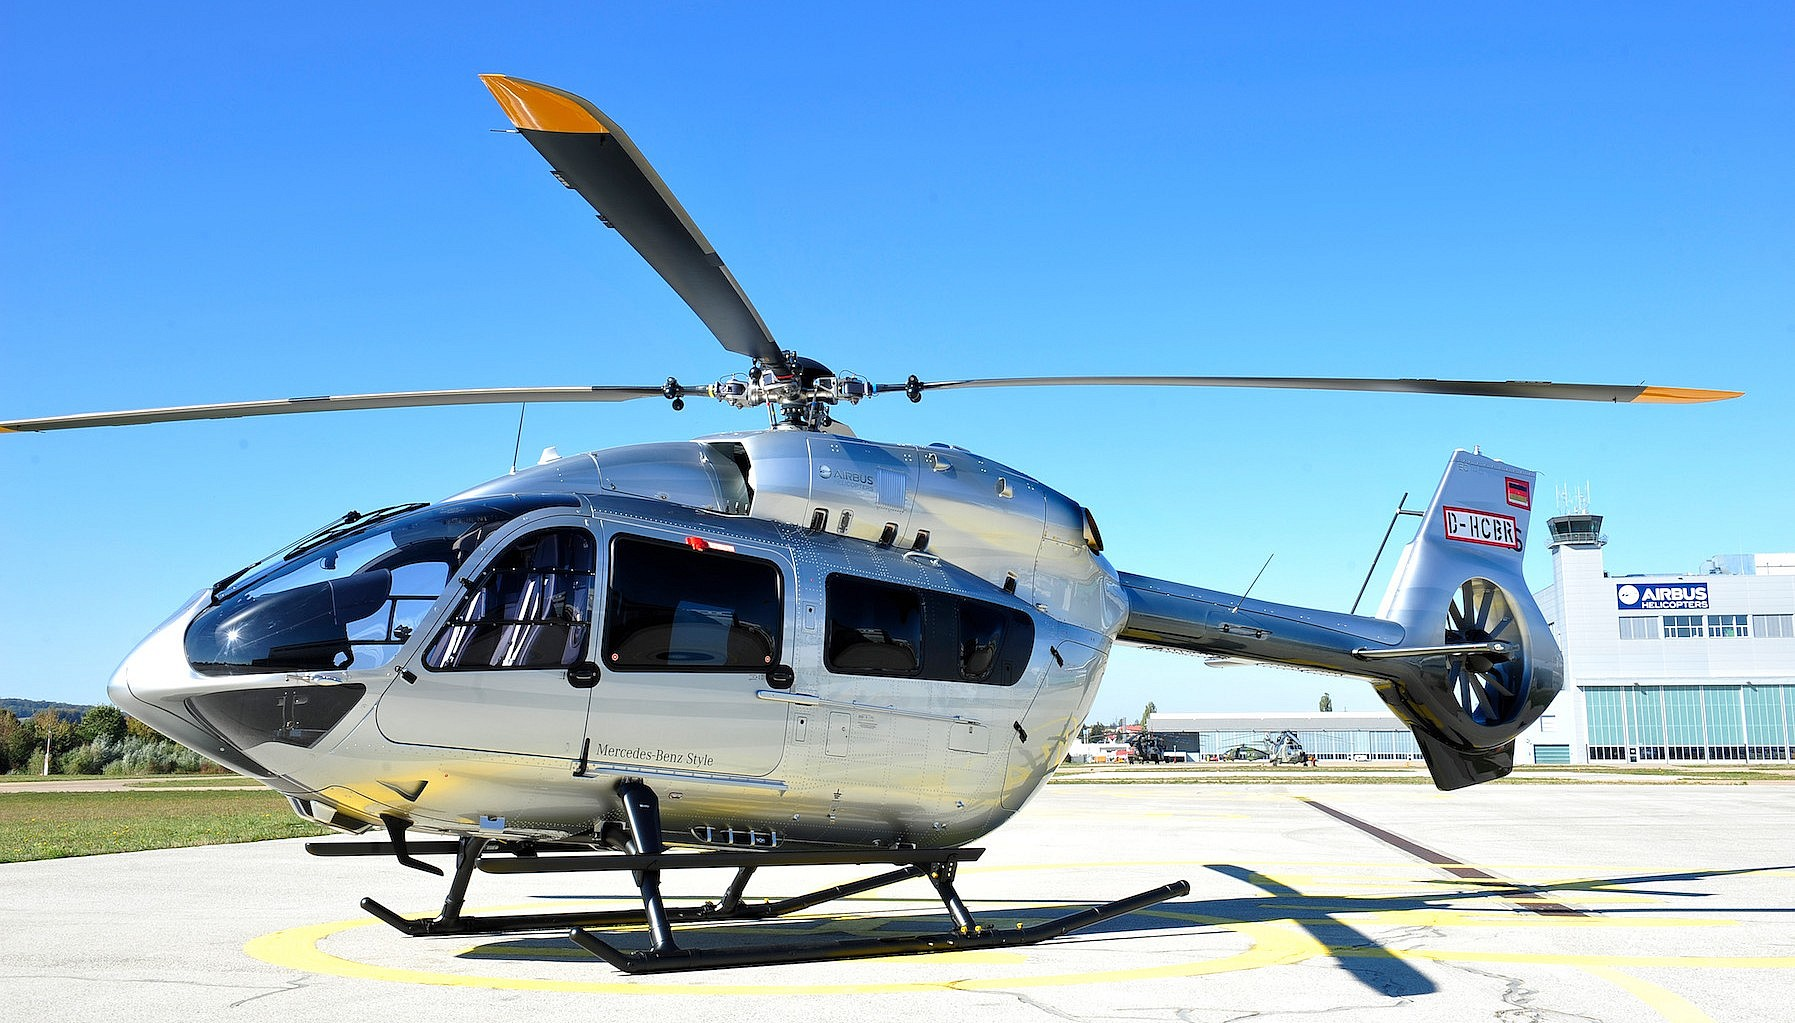 H145 chopper